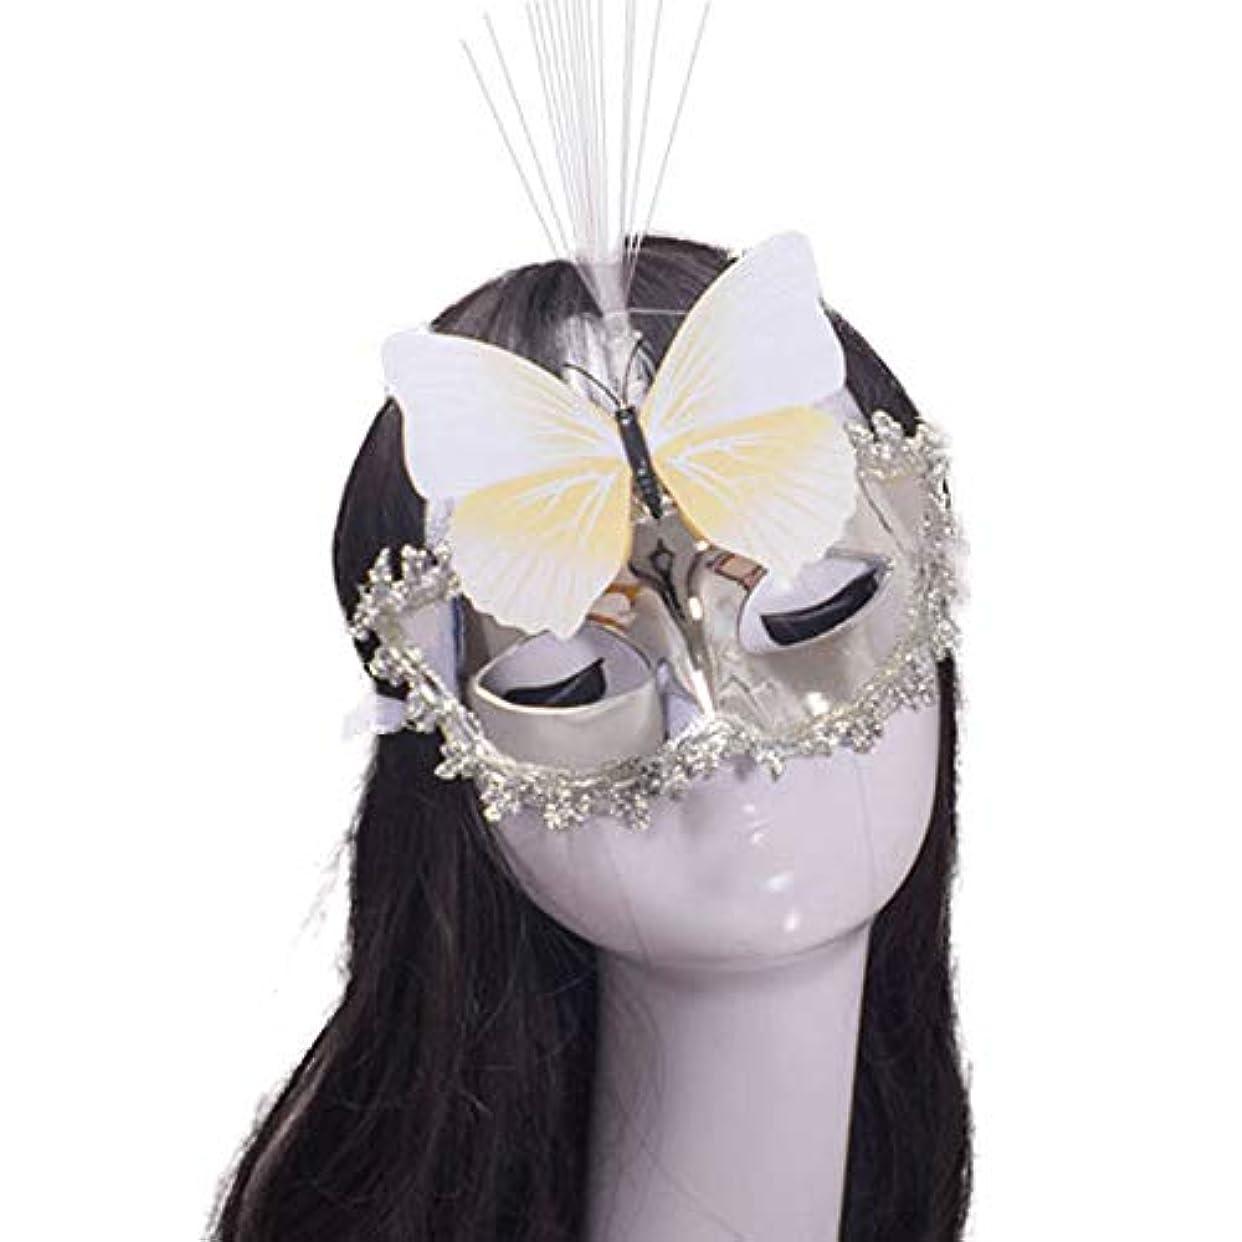 護衛ペースオークランドAuntwhale ハロウィーンマスク大人恐怖コスチューム、蝶ファンシー仮装パーティーハロウィンマスク、フェスティバル通気性ギフトヘッドマスク - ホワイト